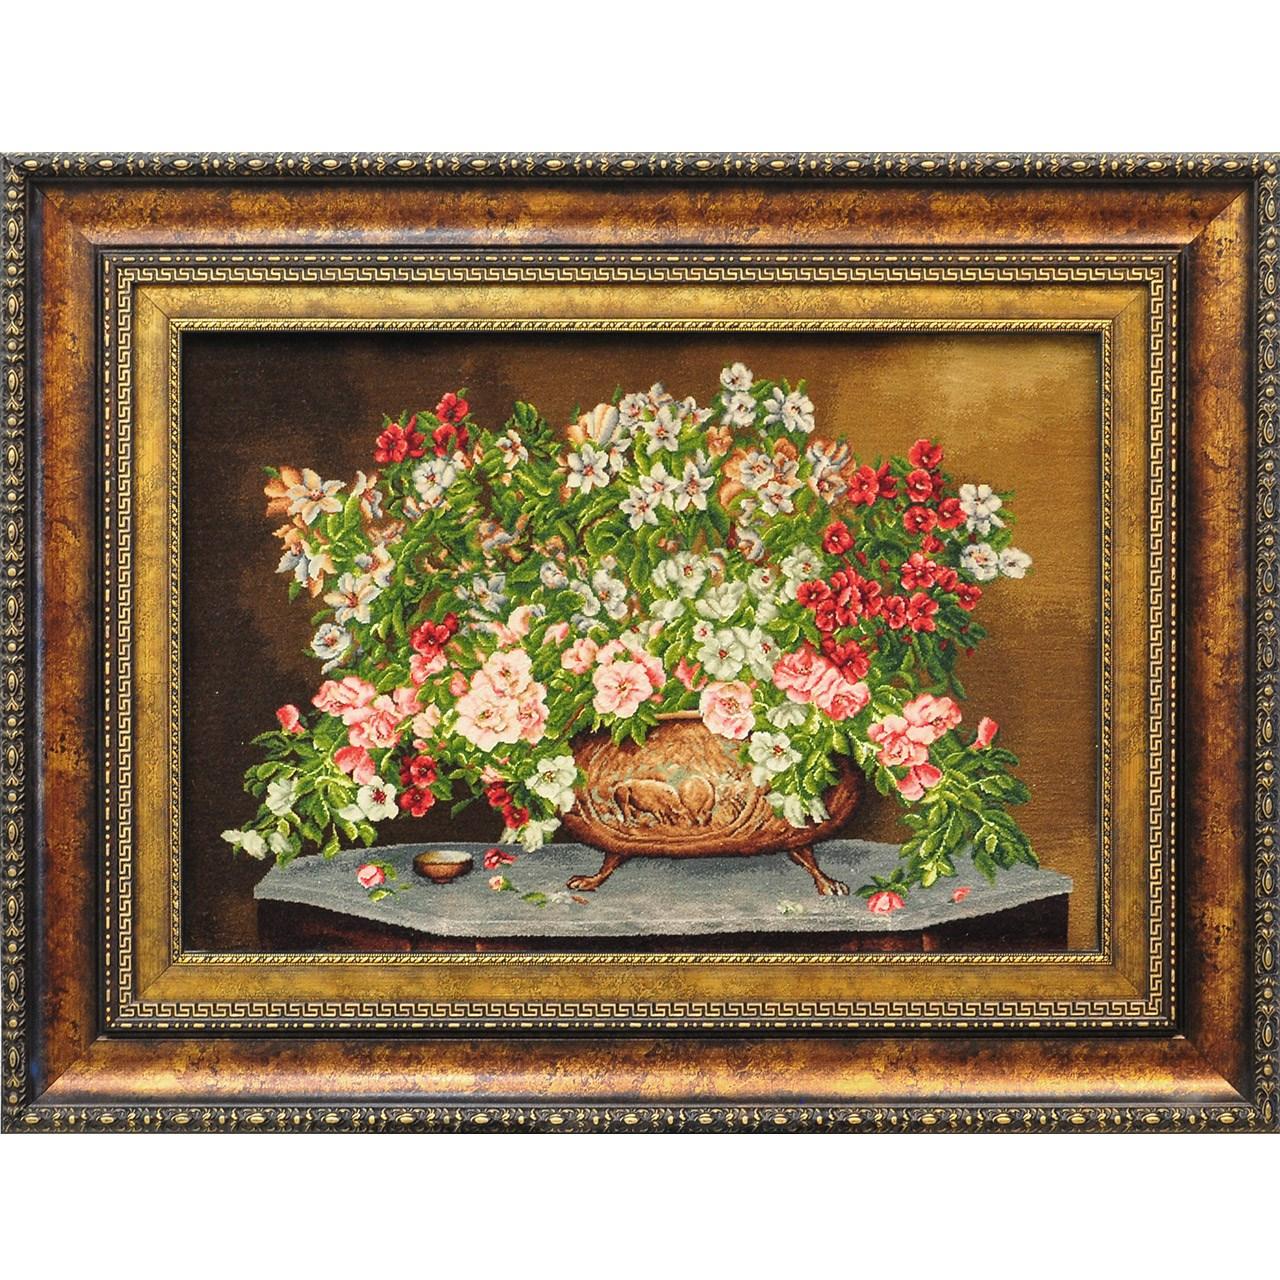 تابلو فرش دستبافت سیرمان طرح گل های مینیاتوری کد 2379